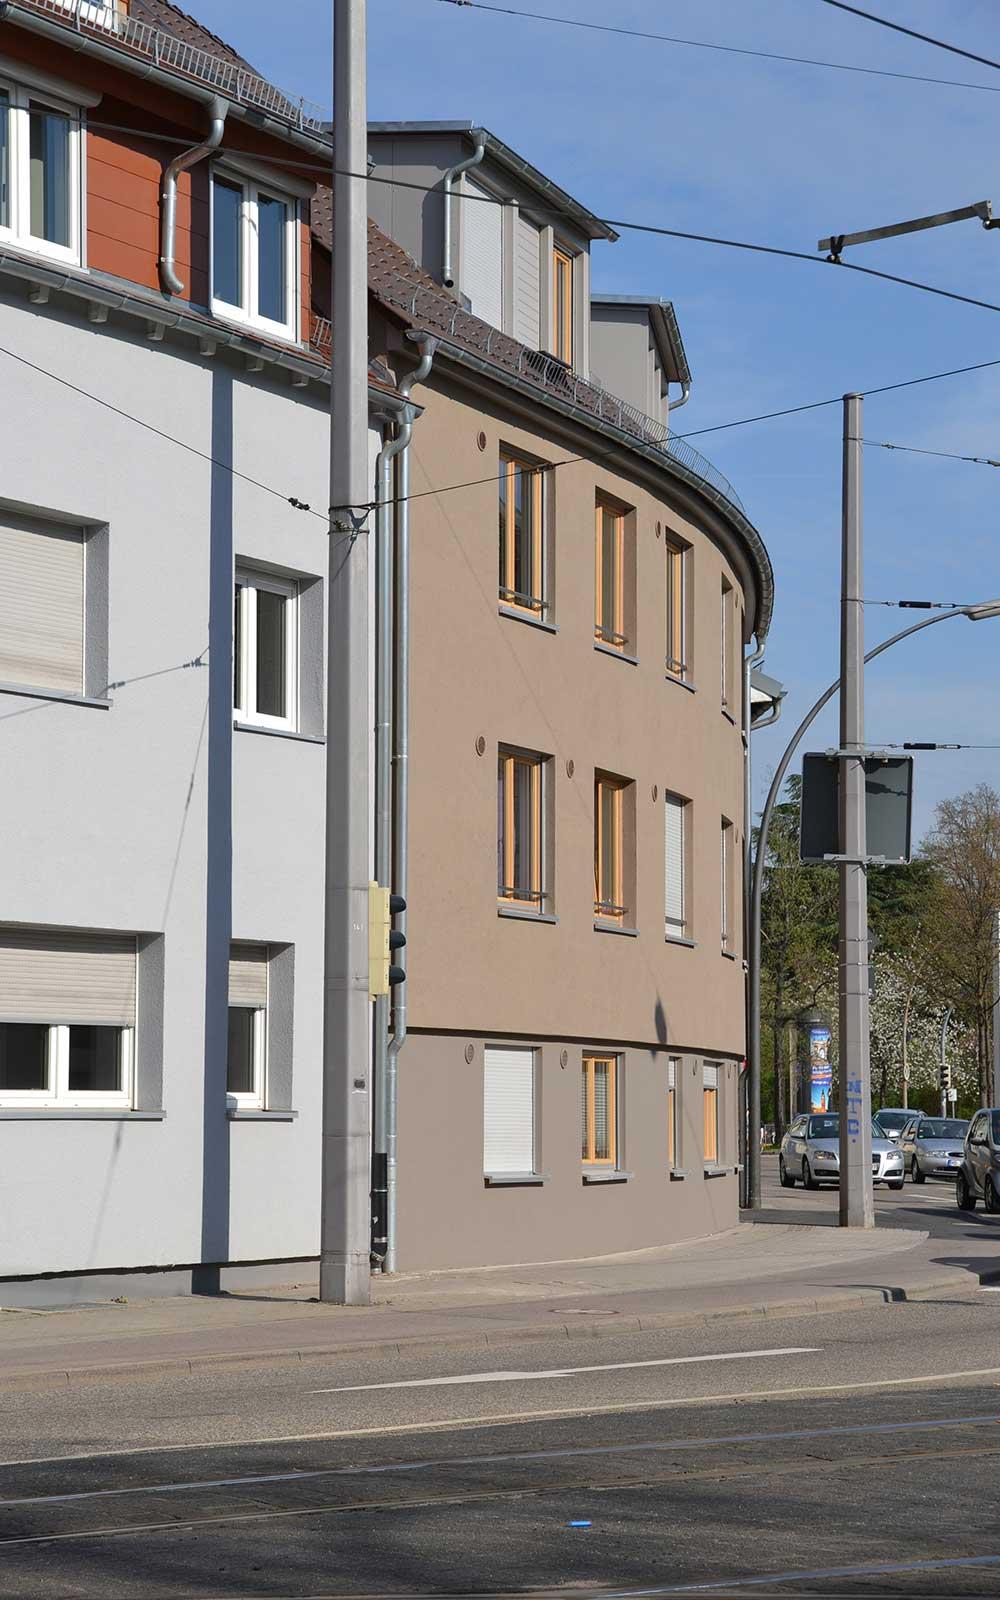 Hans Thoma Wohnheim in Heidelberg Handschuhsheim, Kochhan und Weckbach Architekten Heidelberg